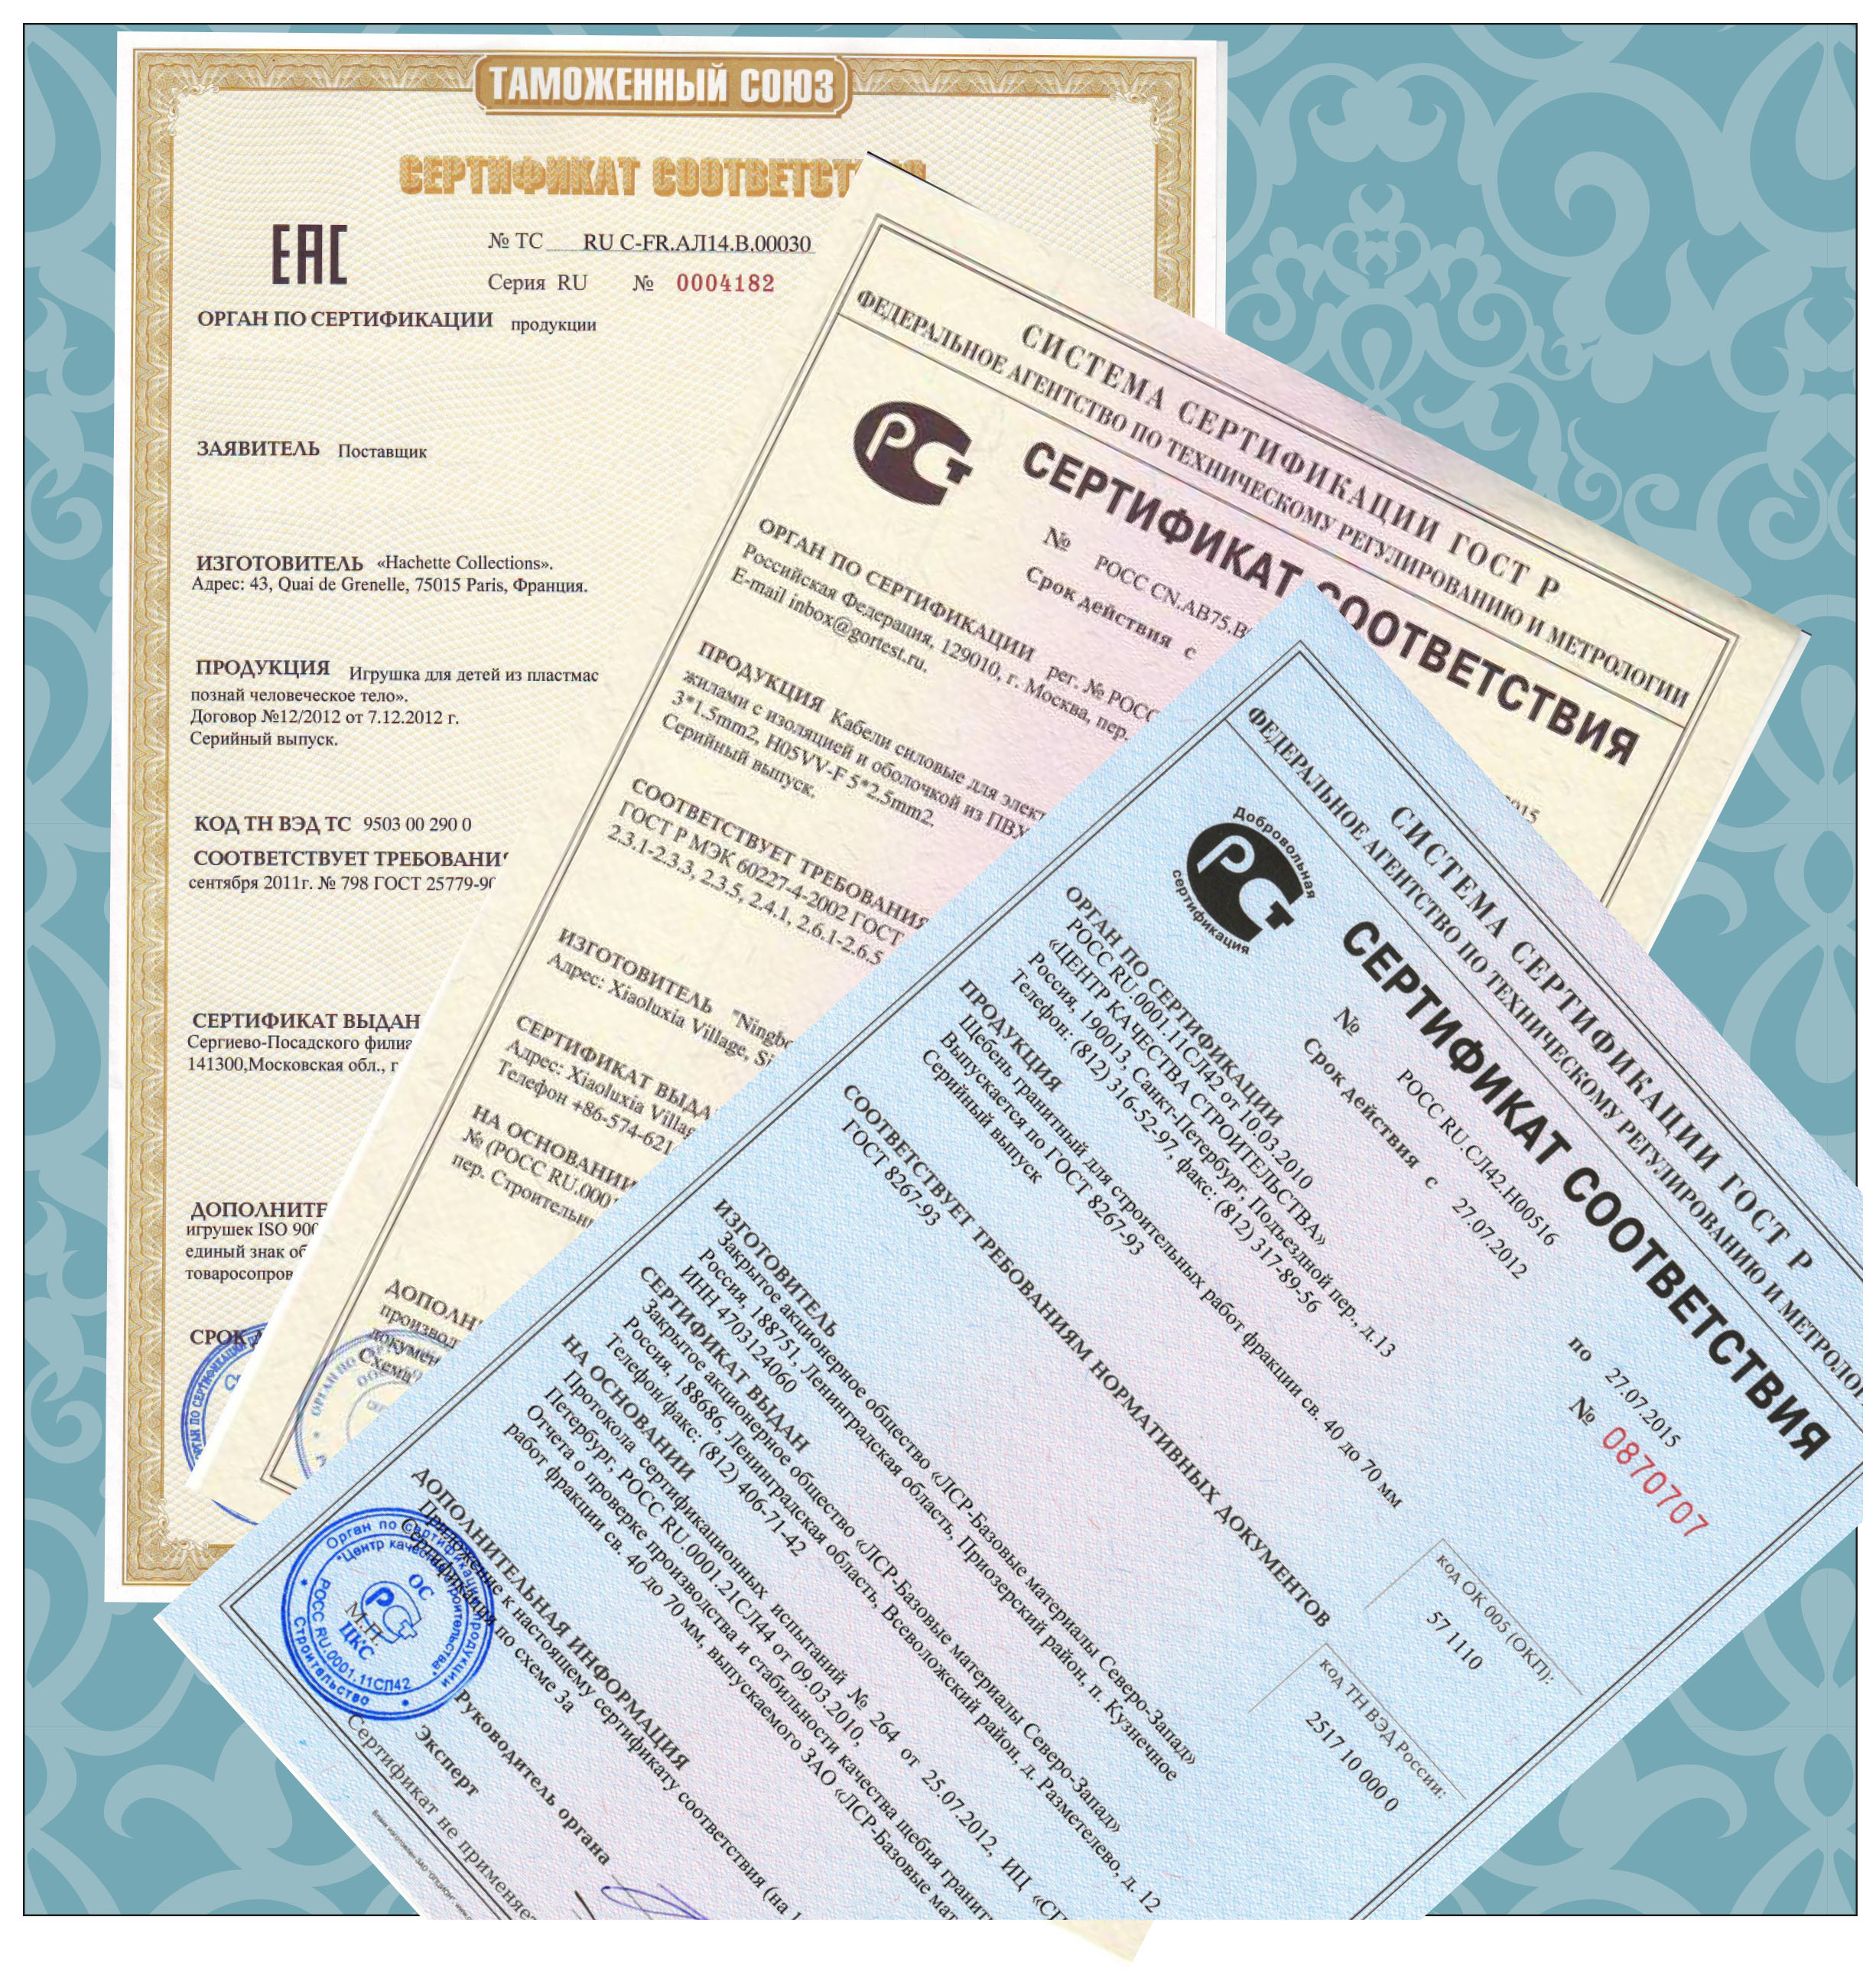 Выпускает Сертифицированную Продукцию Со Знаком Качества Ce